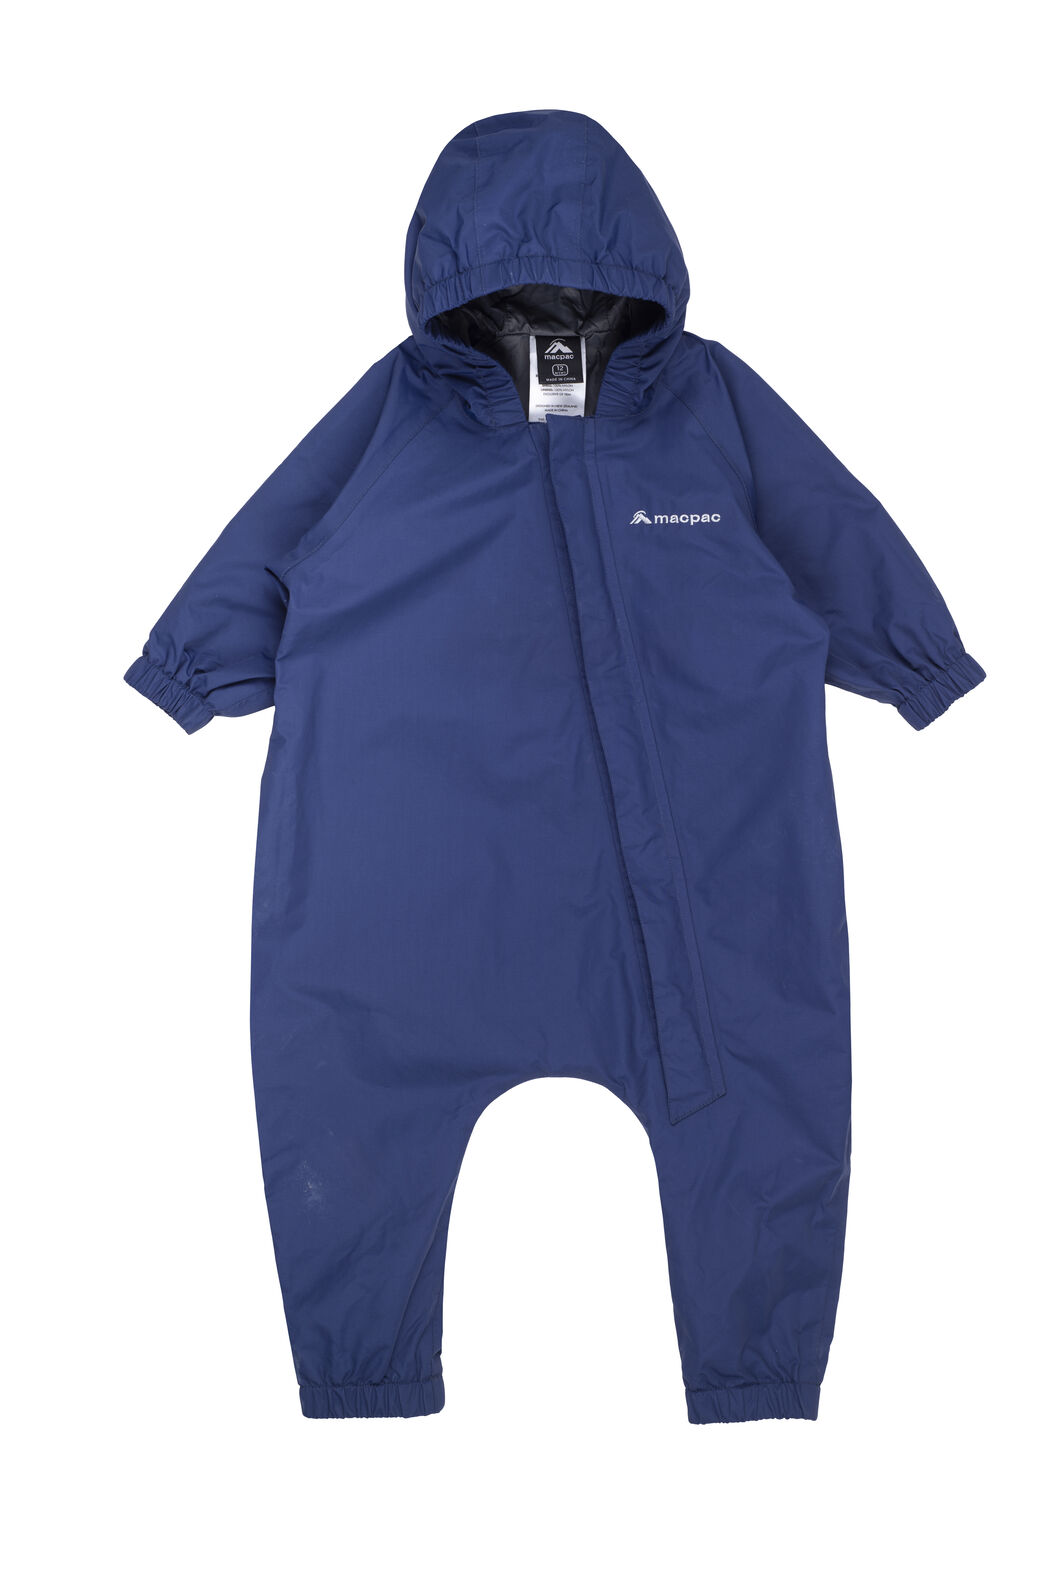 Macpac Dew Drop Onesie - Baby, Medieval Blue, hi-res